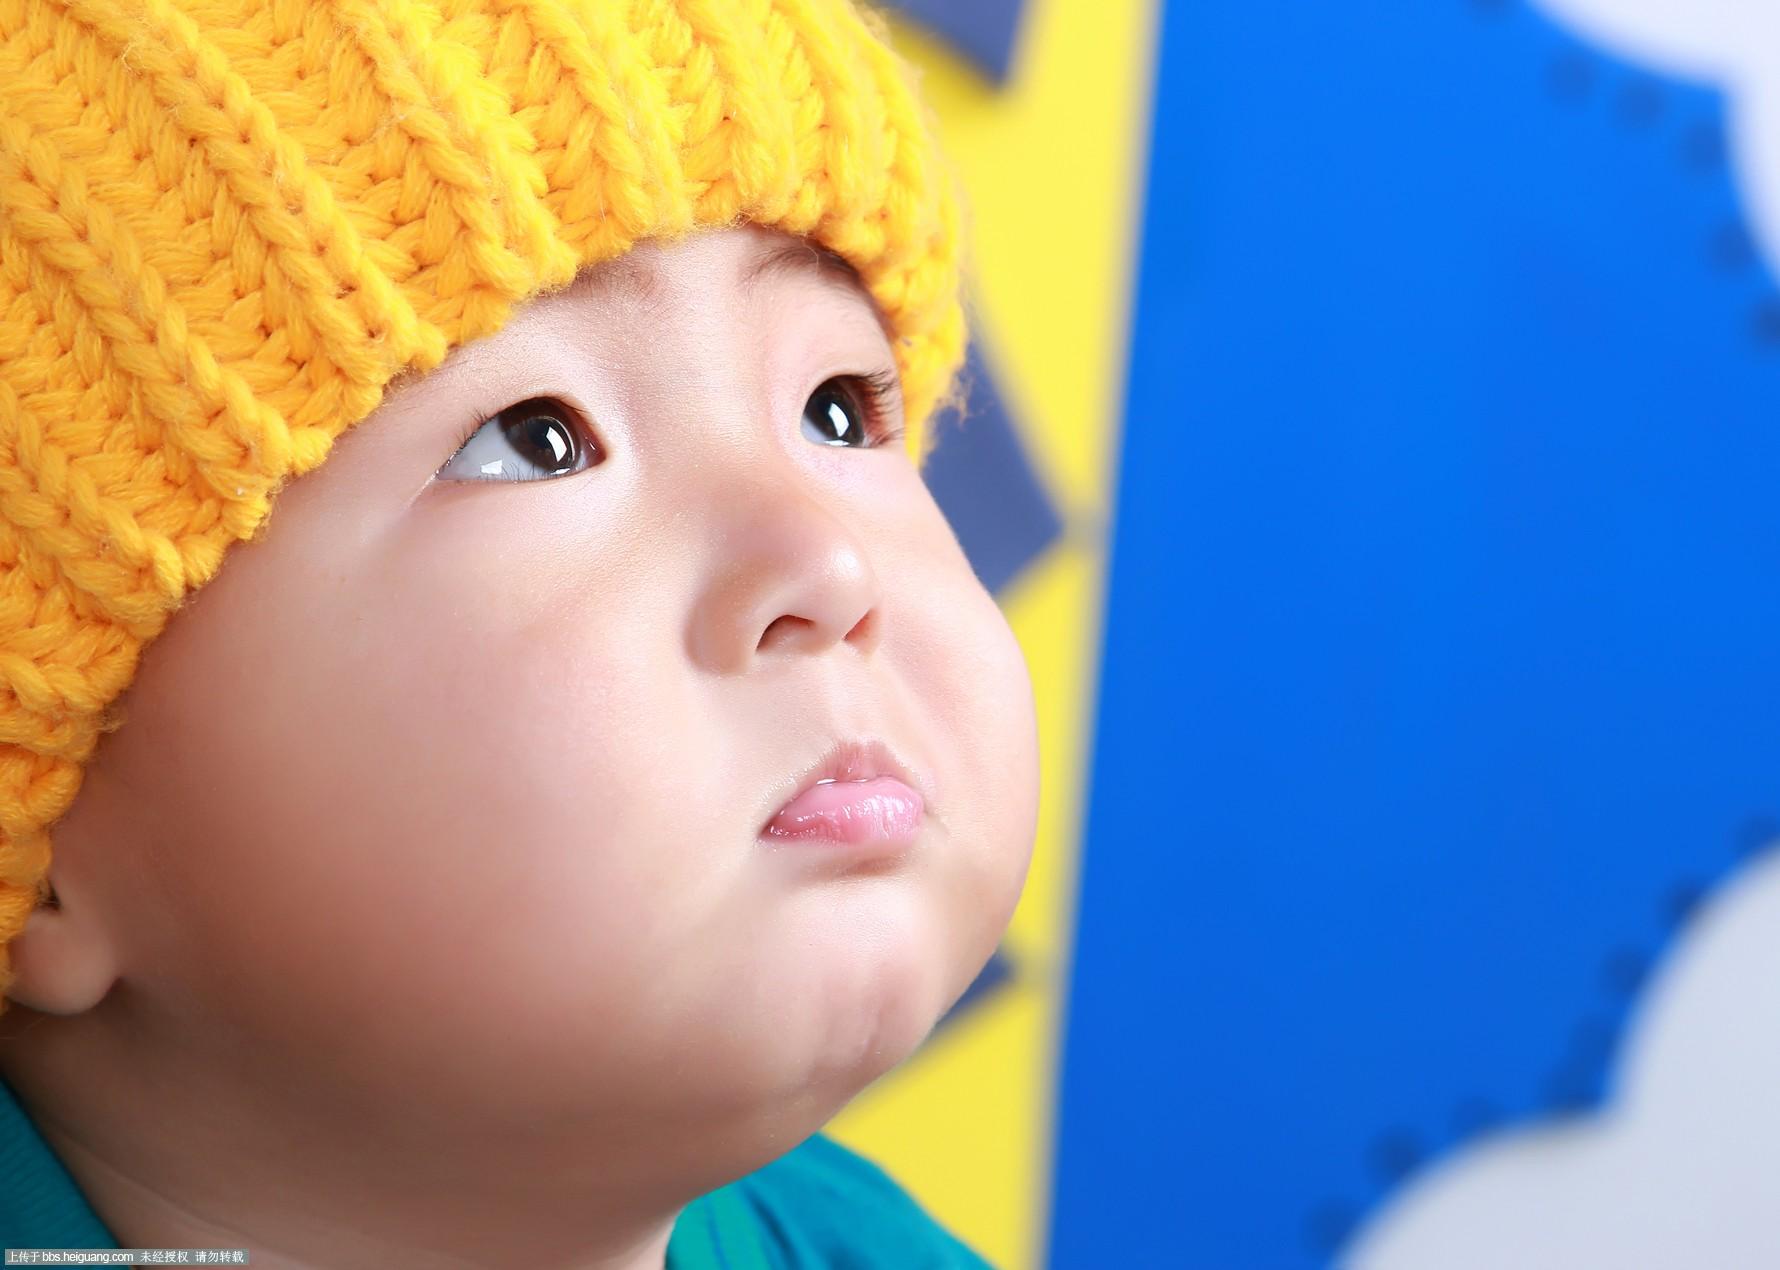 可爱孩子高兴图片